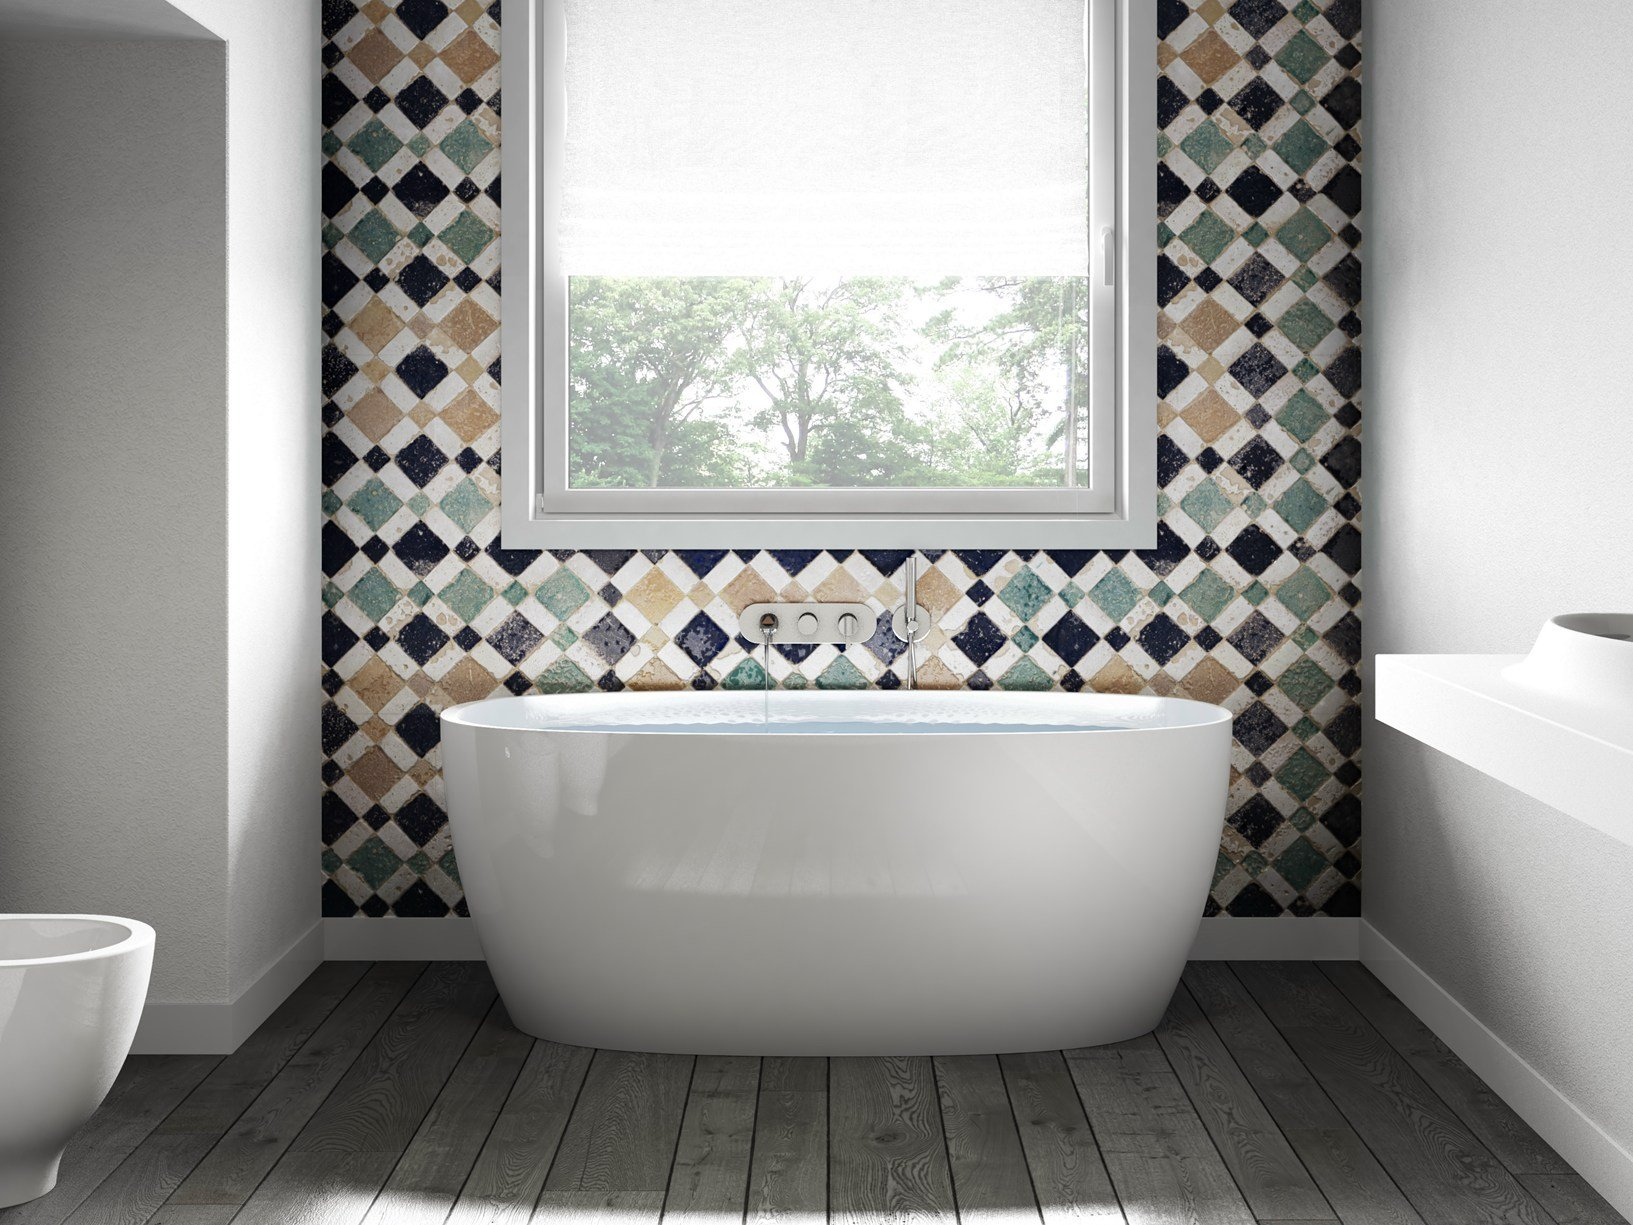 Le nuove vasche centro stanza jacuzzi - Vasche da bagno centro stanza ...